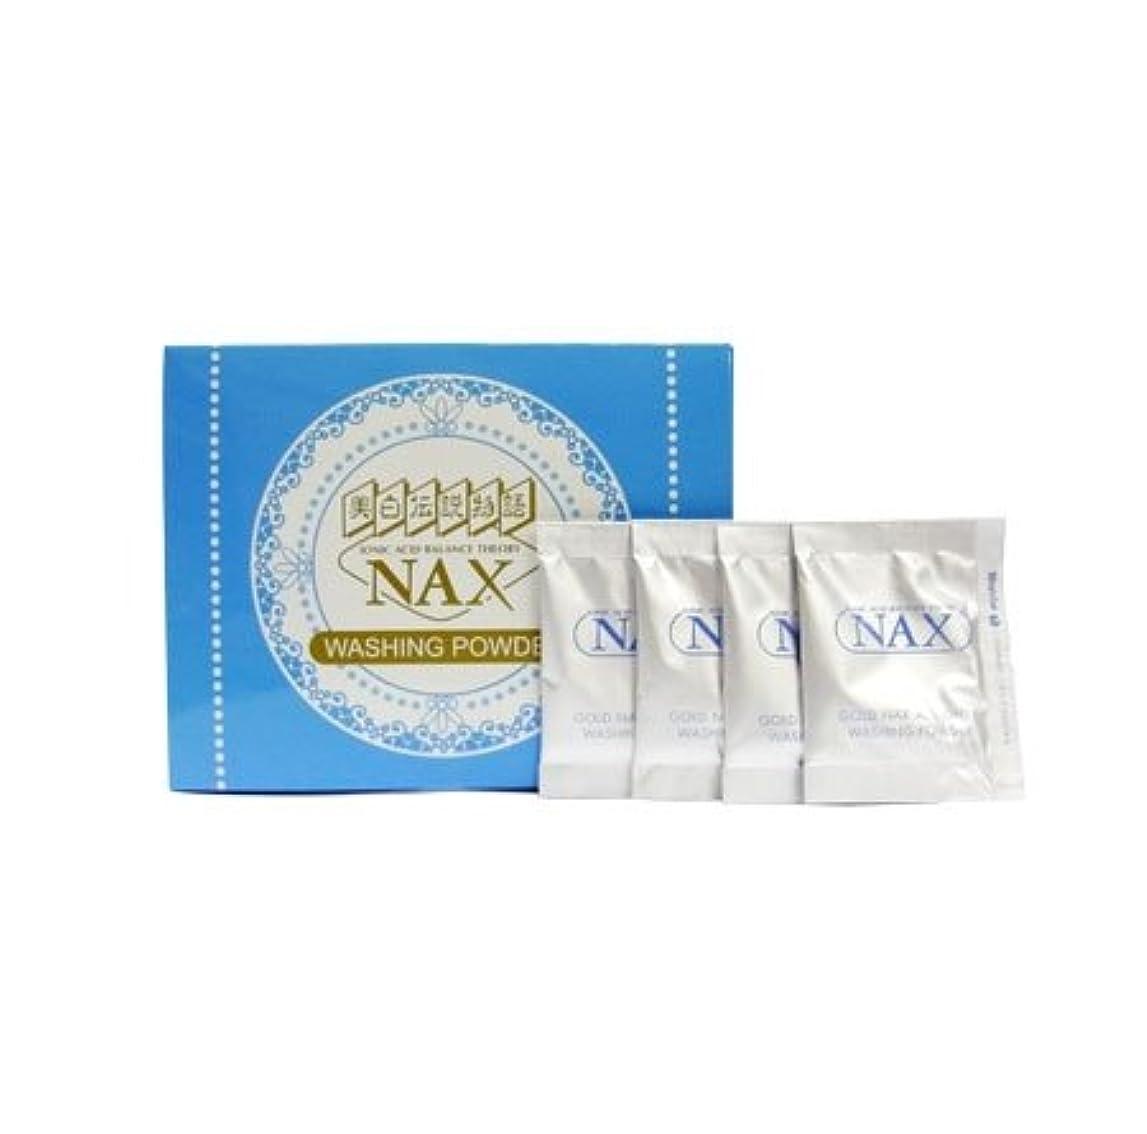 表向き振り返る扱いやすい洗顔パウダー ウォッシングパウダー 洗顔 弱酸性 酵素洗顔料 敏感肌対応 (2箱)